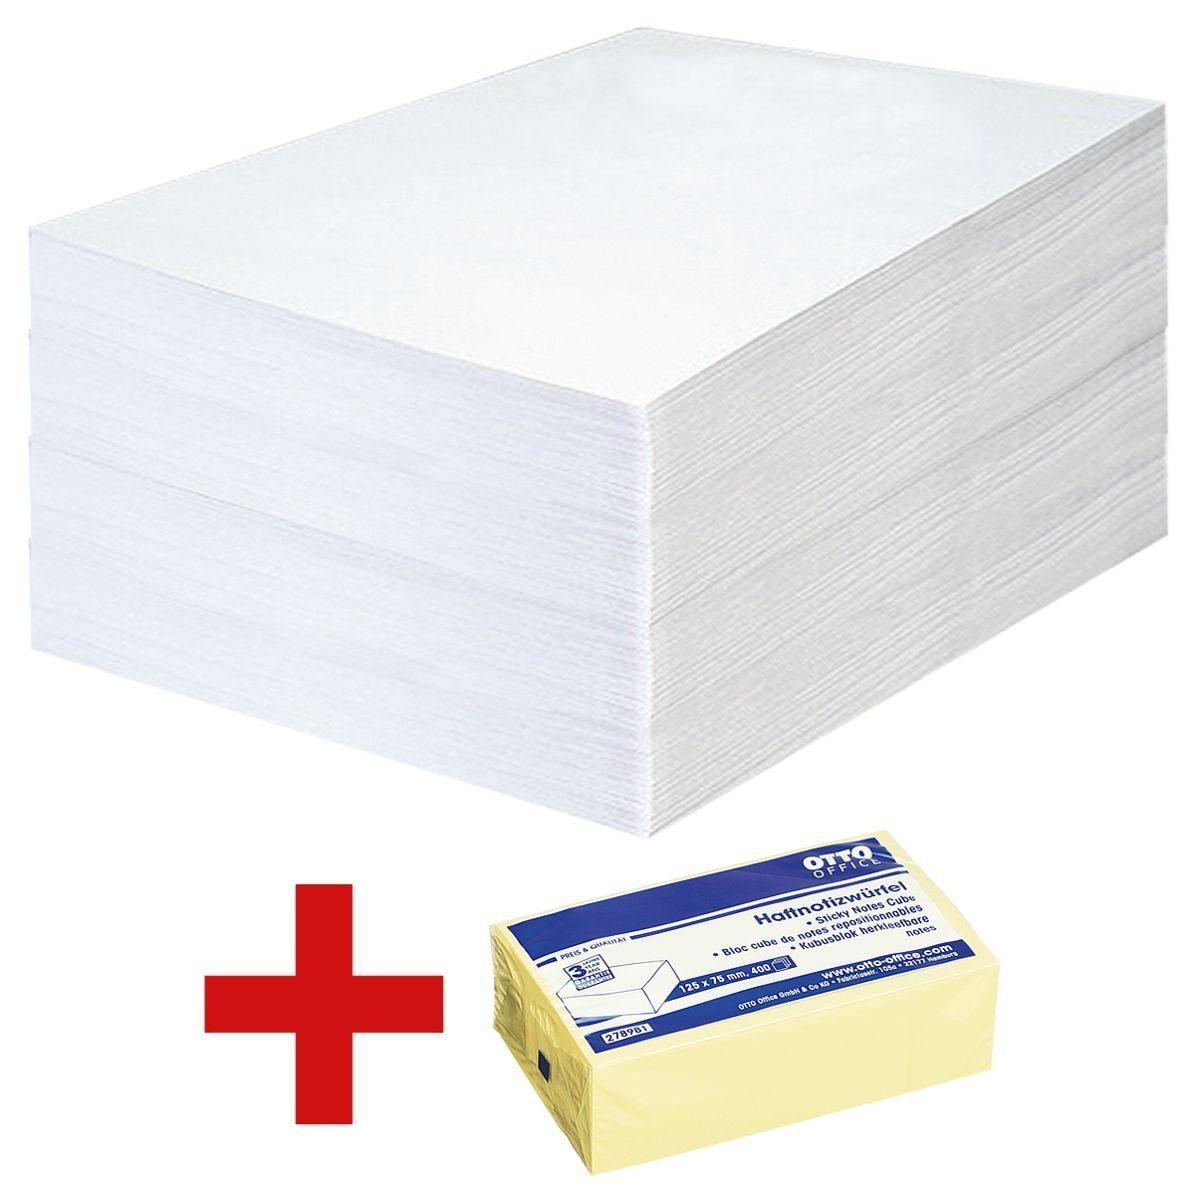 OTTOOFFICE STANDARD 500 Versandtaschen C5 inkl. Haftnotizwürfel 1 Set